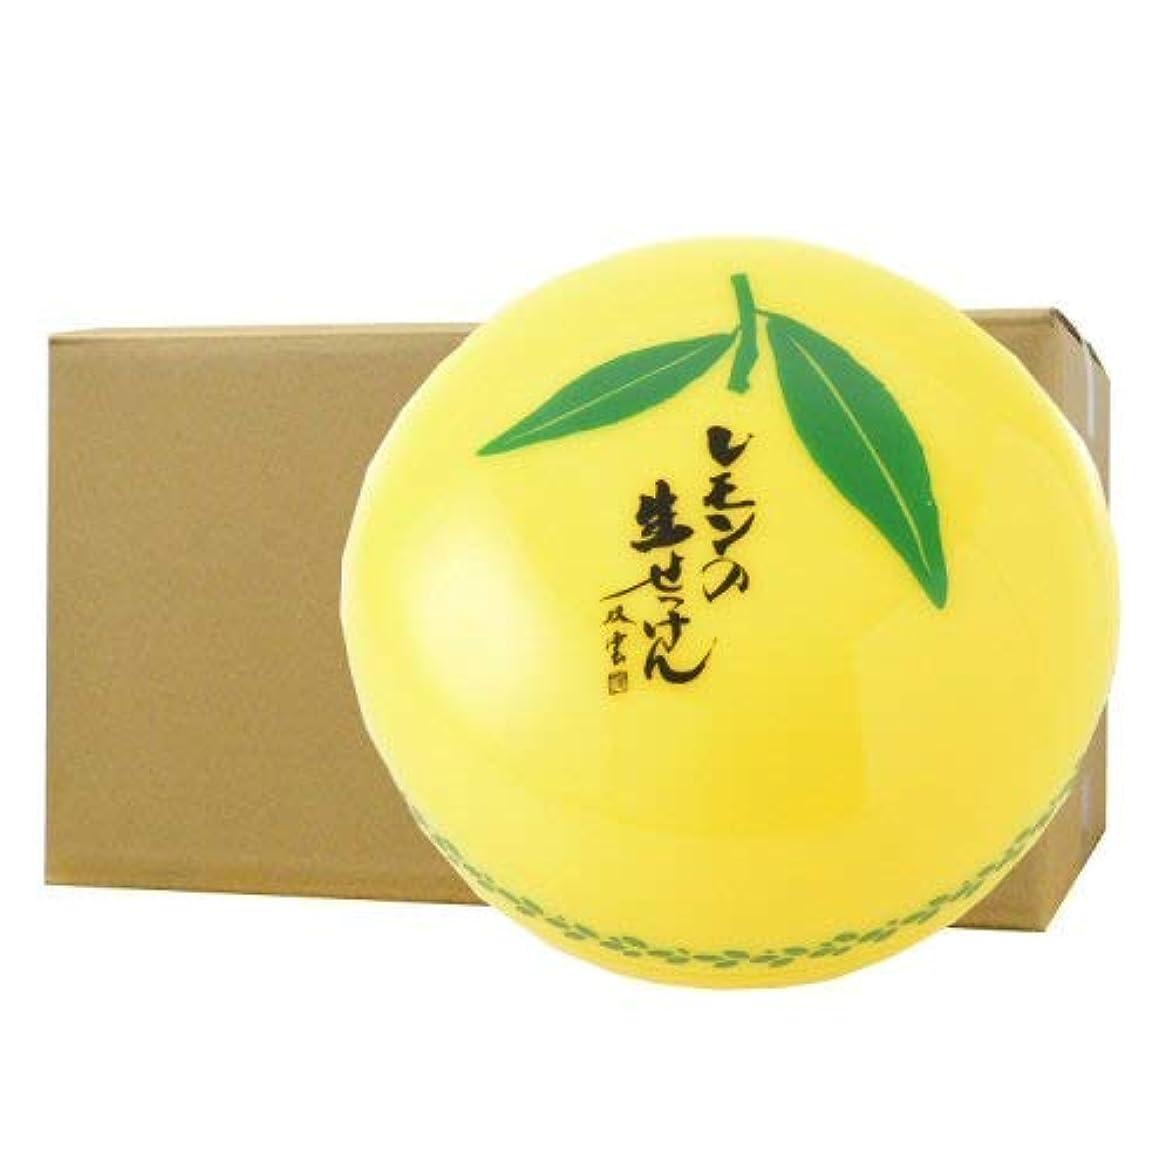 怒っているシニスプロテスタント美香柑 レモンの生せっけん 洗顔石けん 無添加 スパチュラ?泡立てネット付 大容量 120g×24個ケース